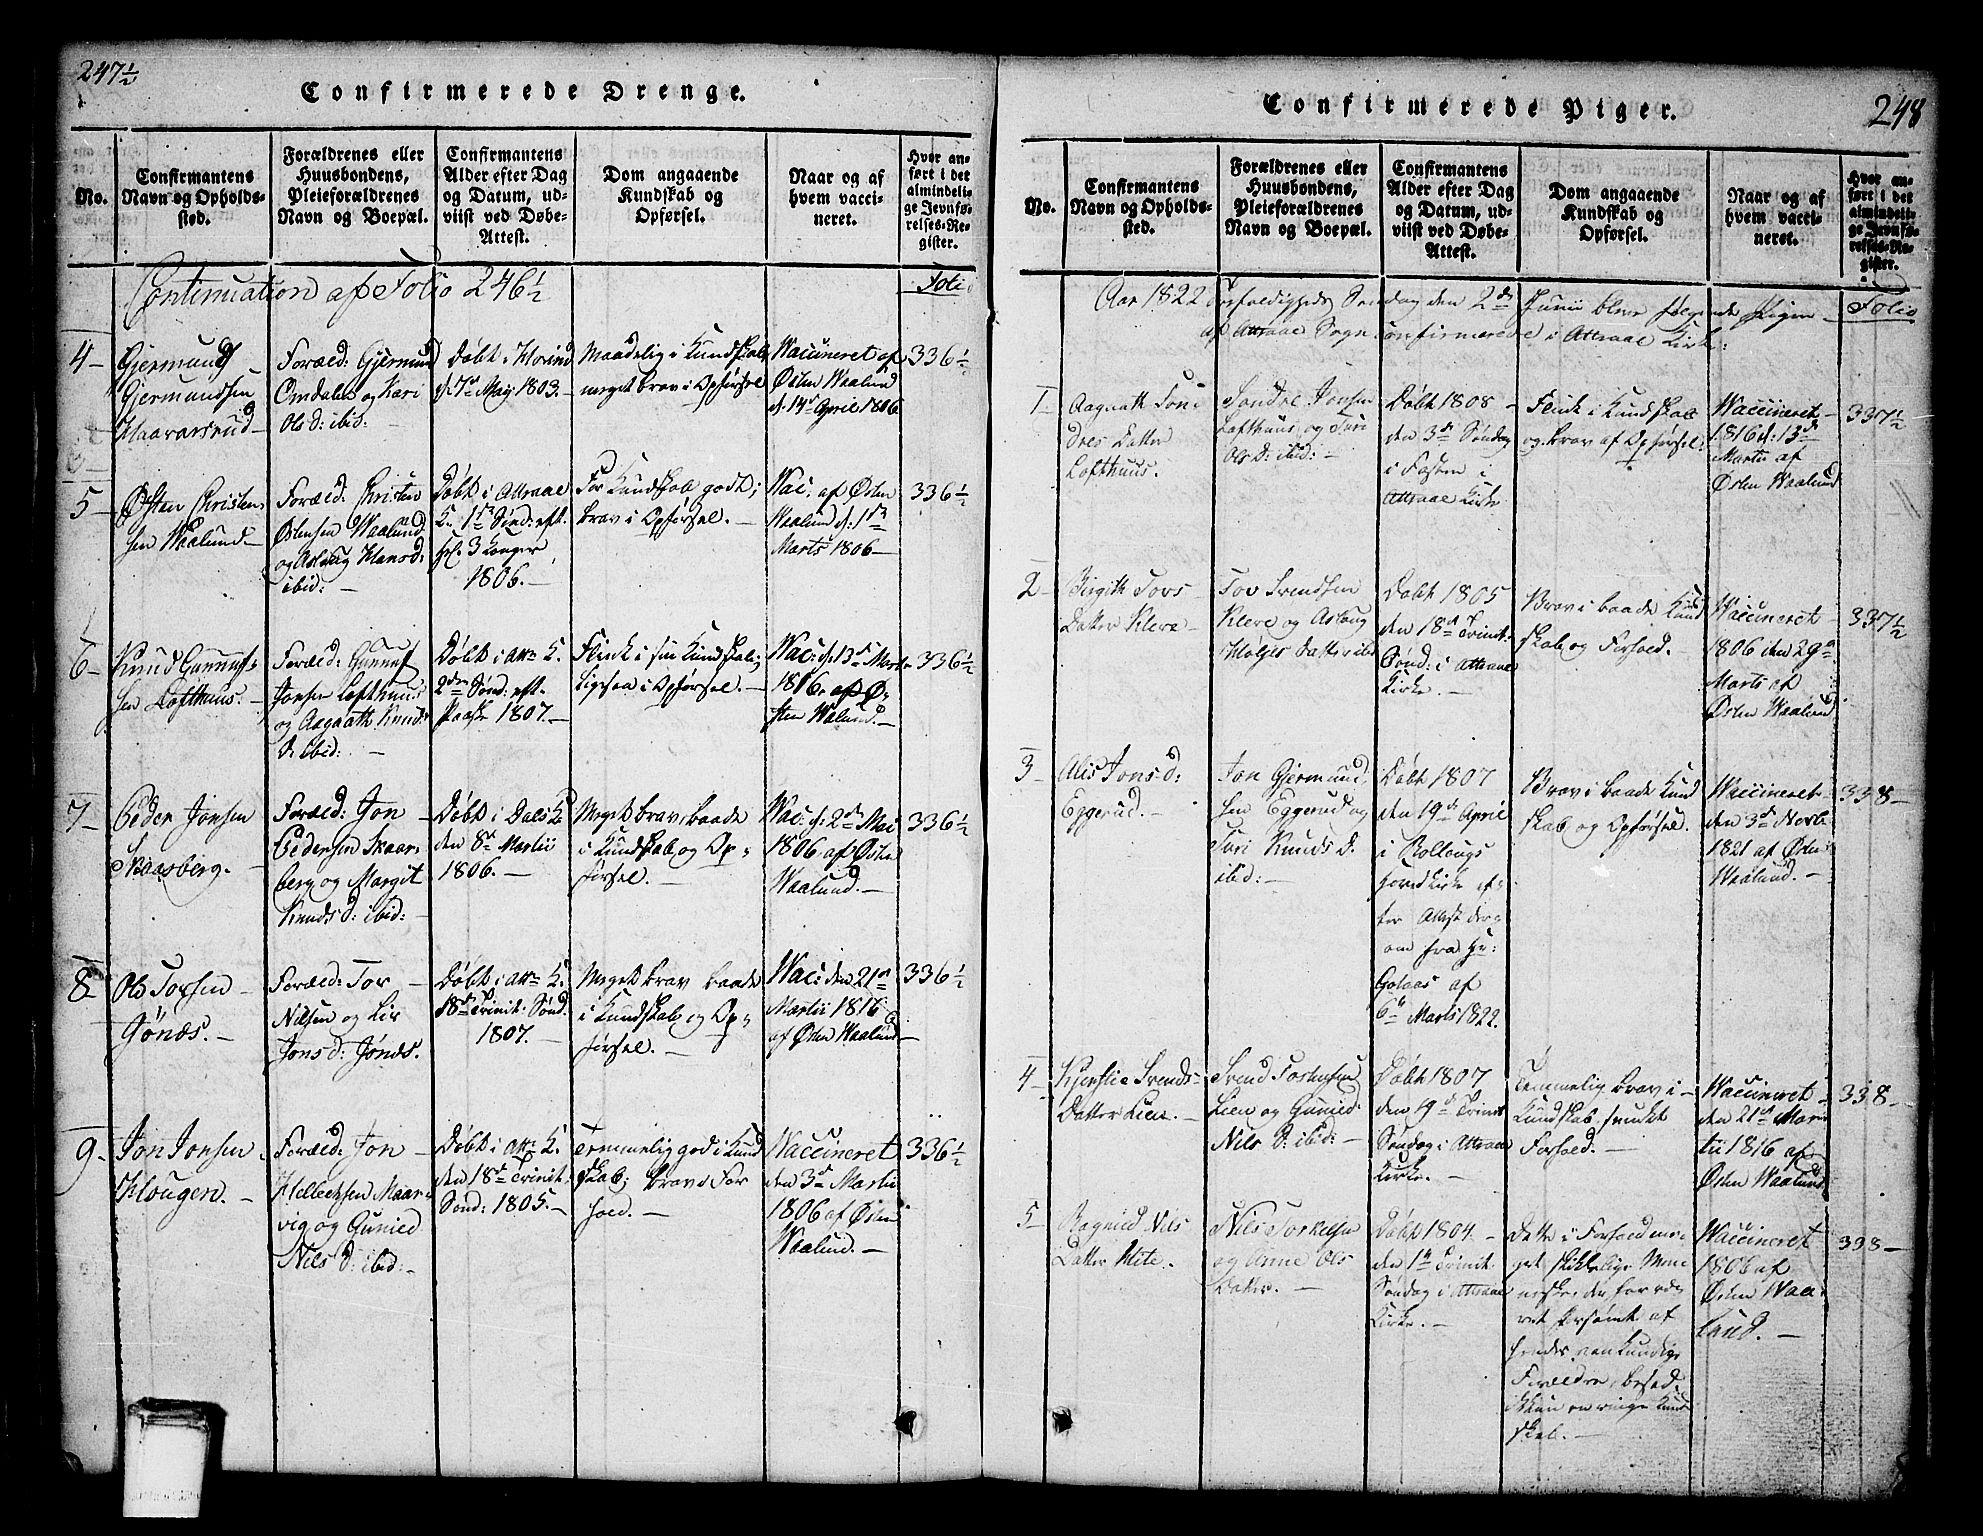 SAKO, Tinn kirkebøker, G/Ga/L0001: Klokkerbok nr. I 1, 1815-1850, s. 248